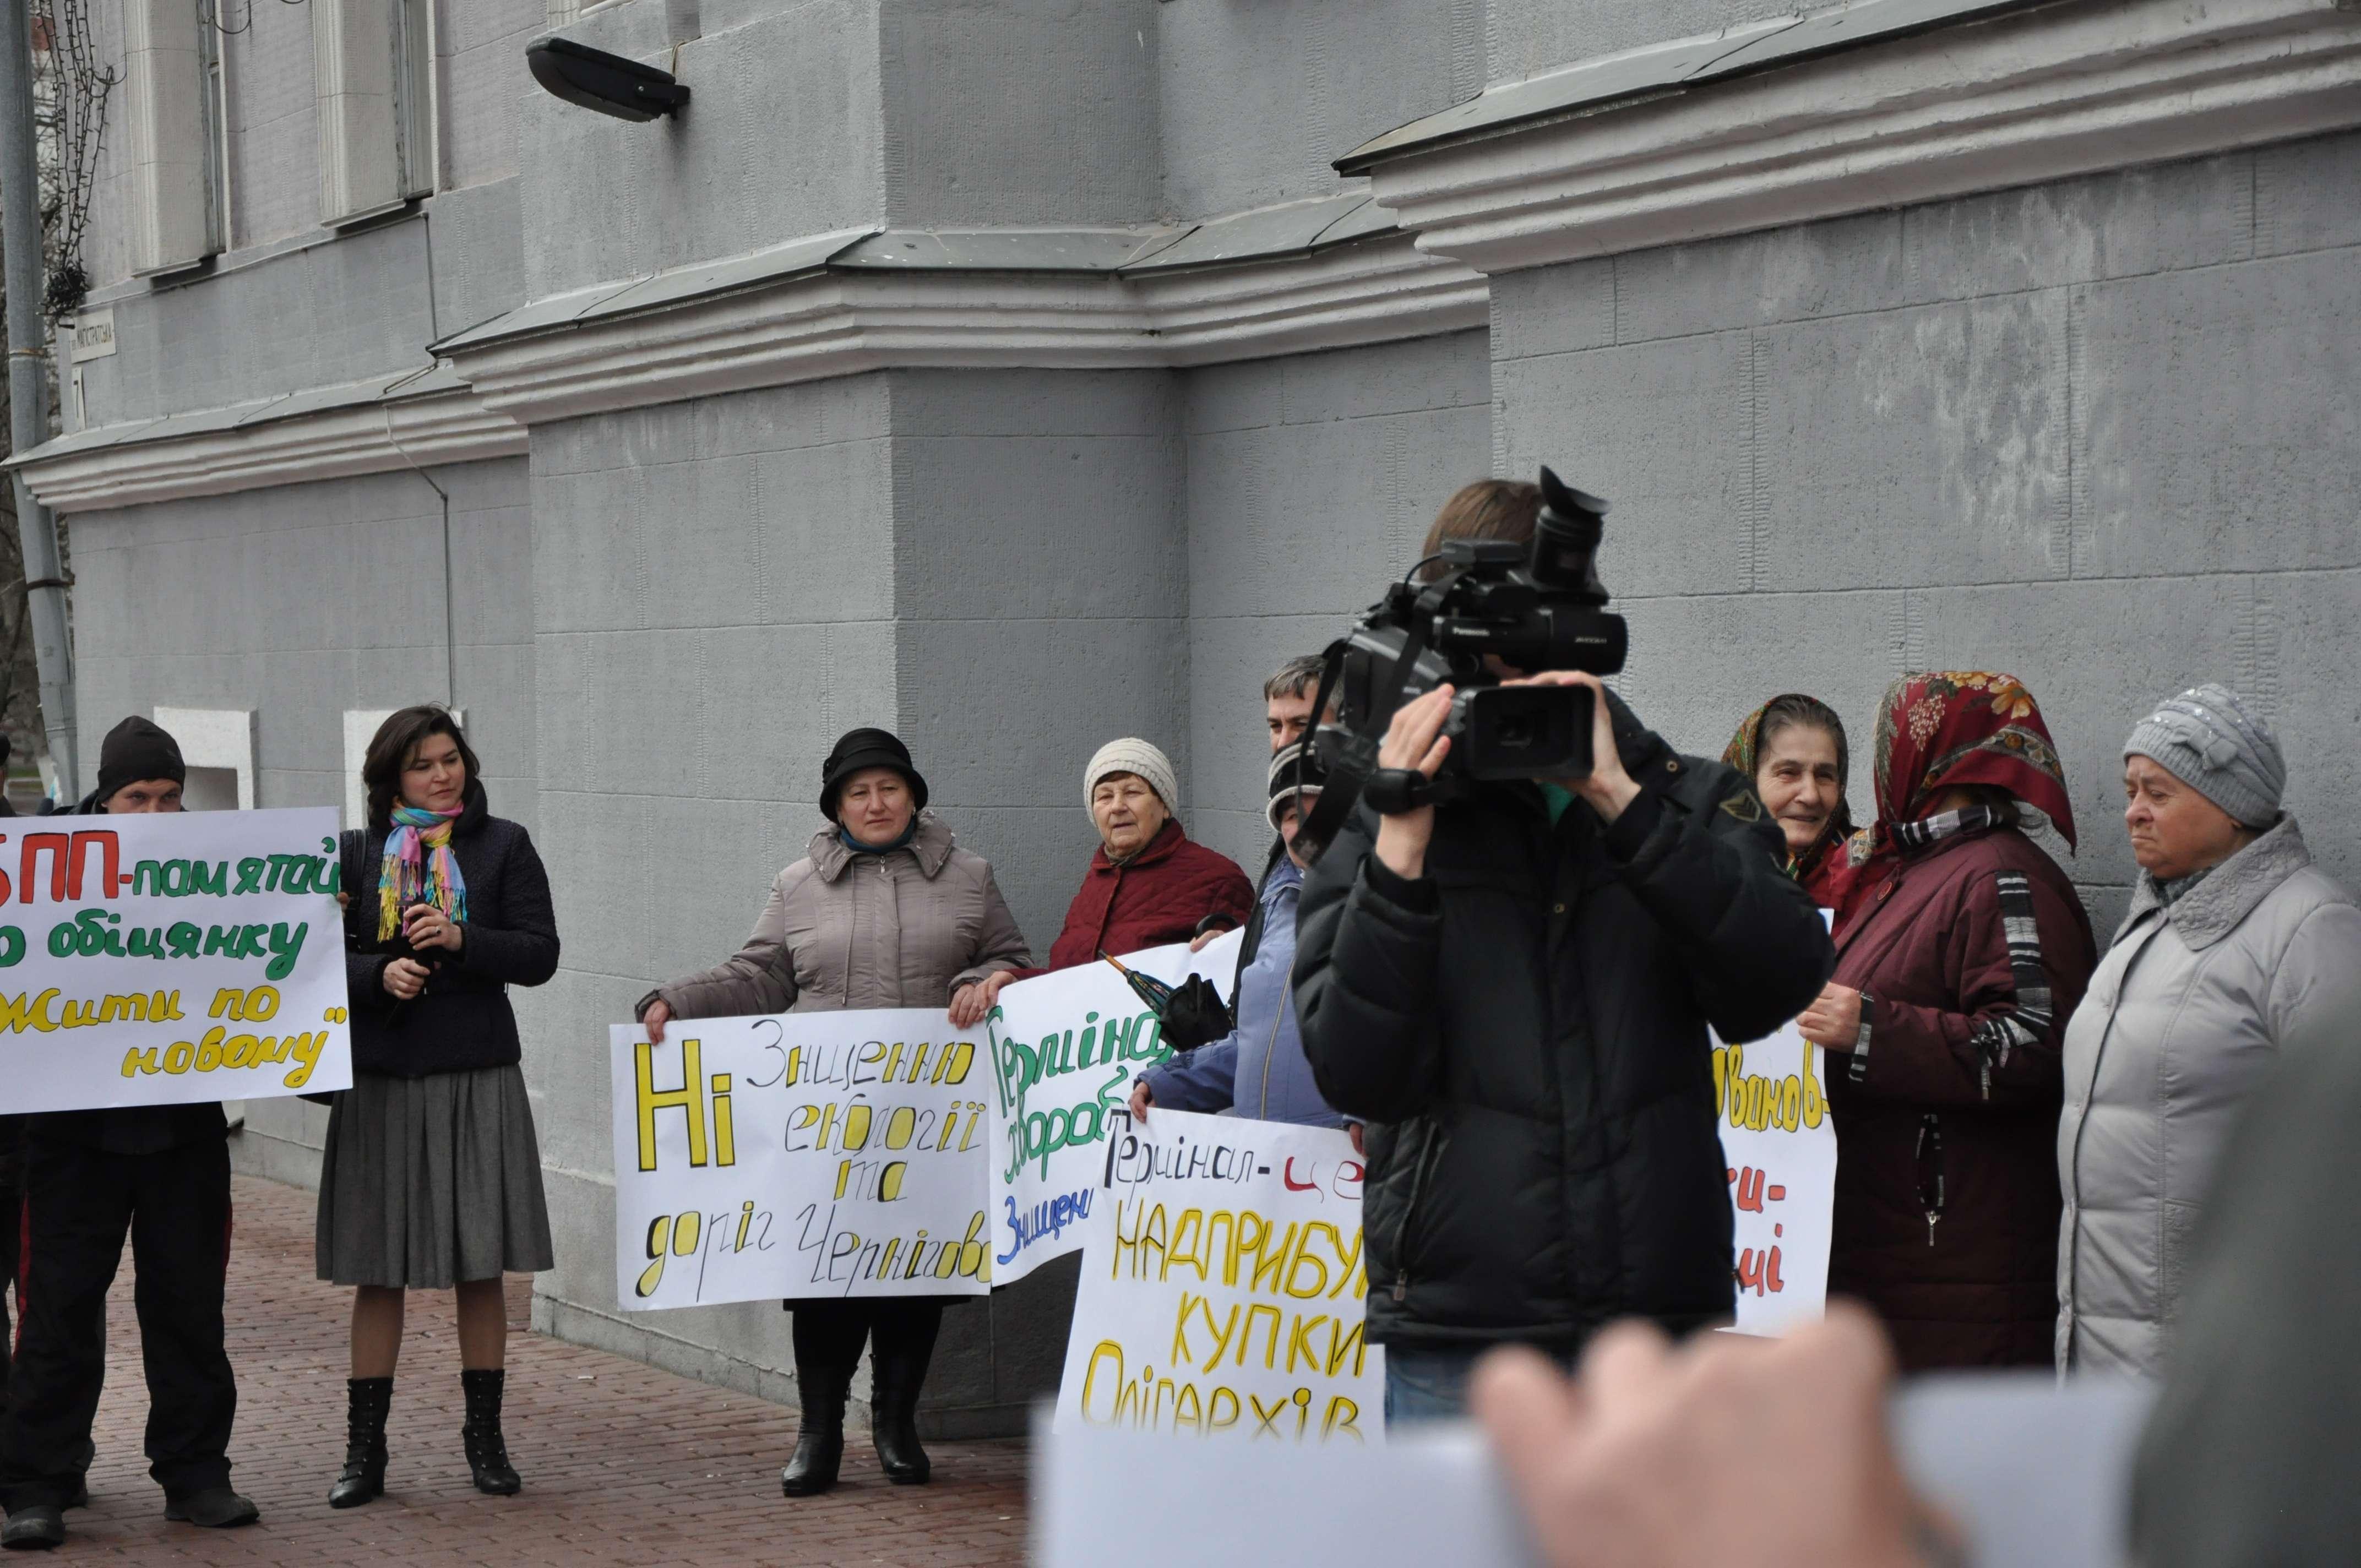 НІ знищенню дороги та екології в Чернігові